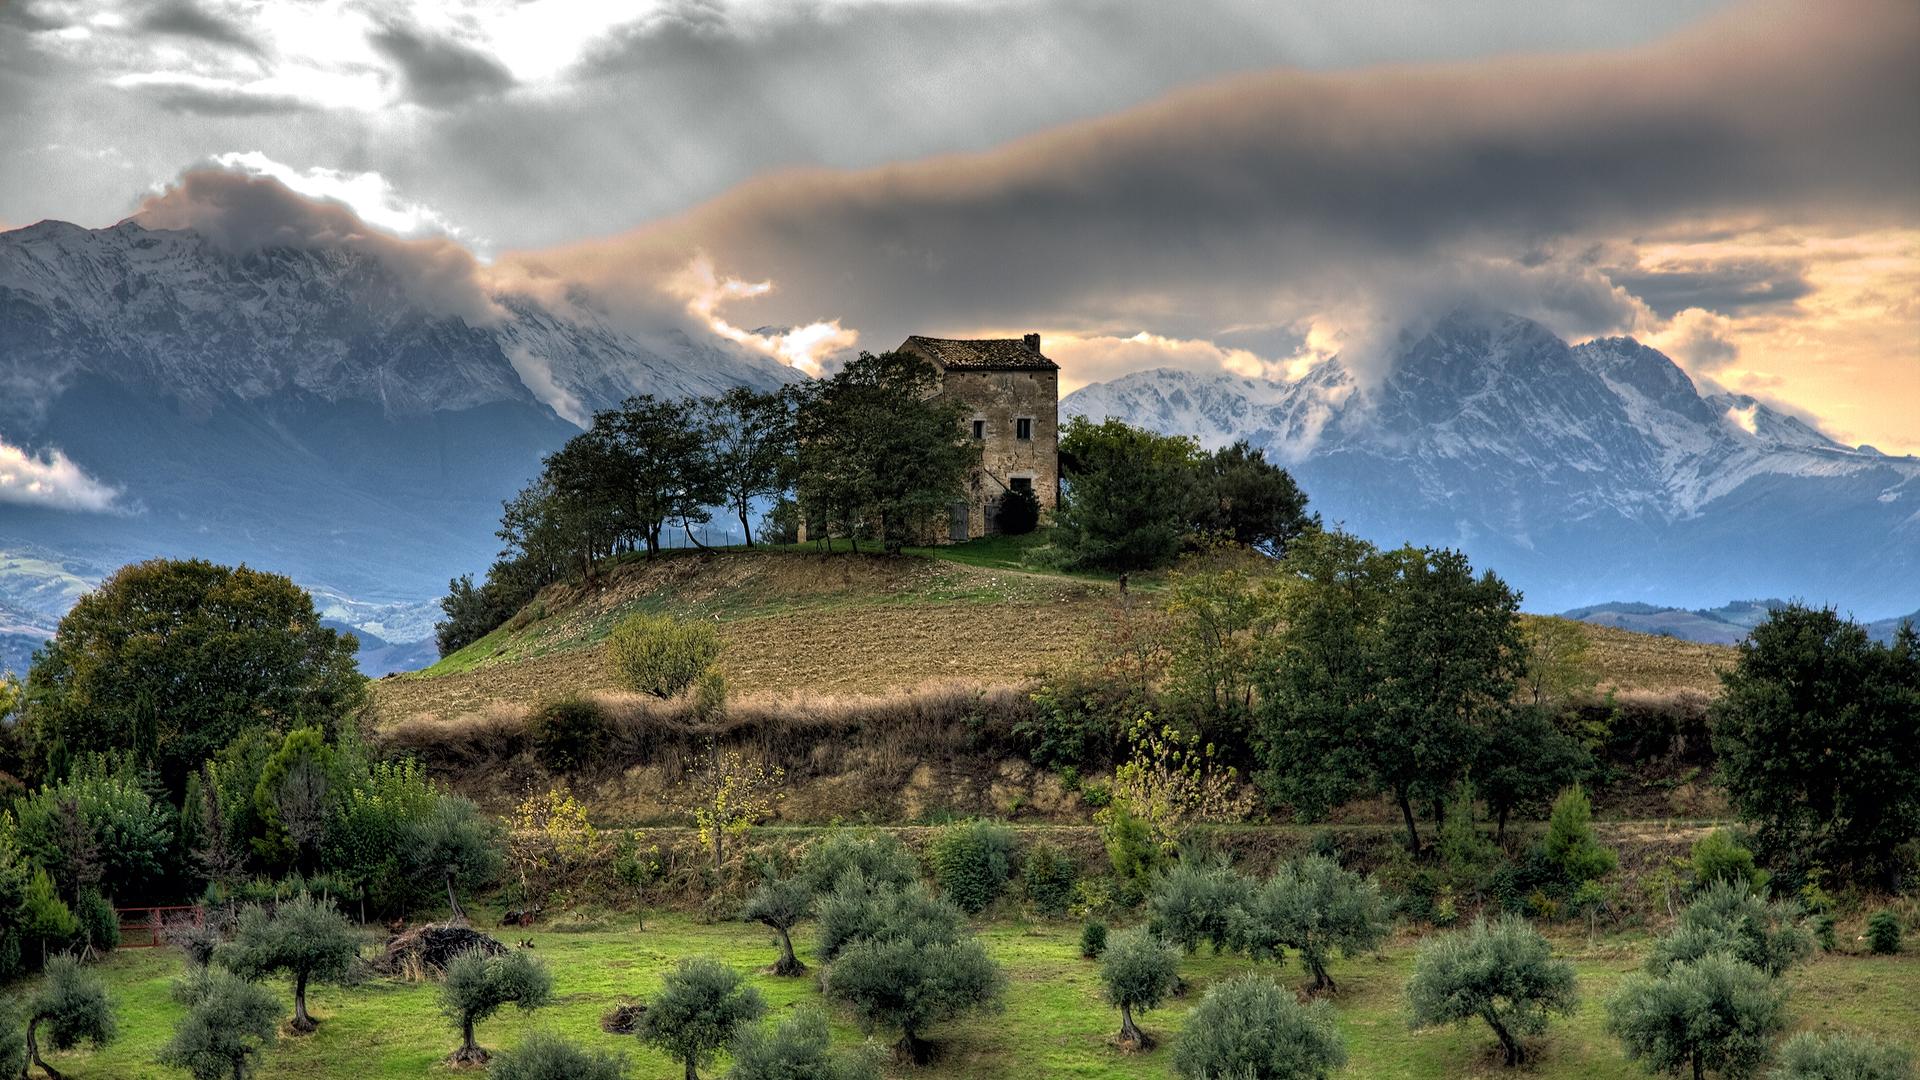 Sfondi Full Hd Natura Paesaggio Di Montagna Sfondi Hd Gratis